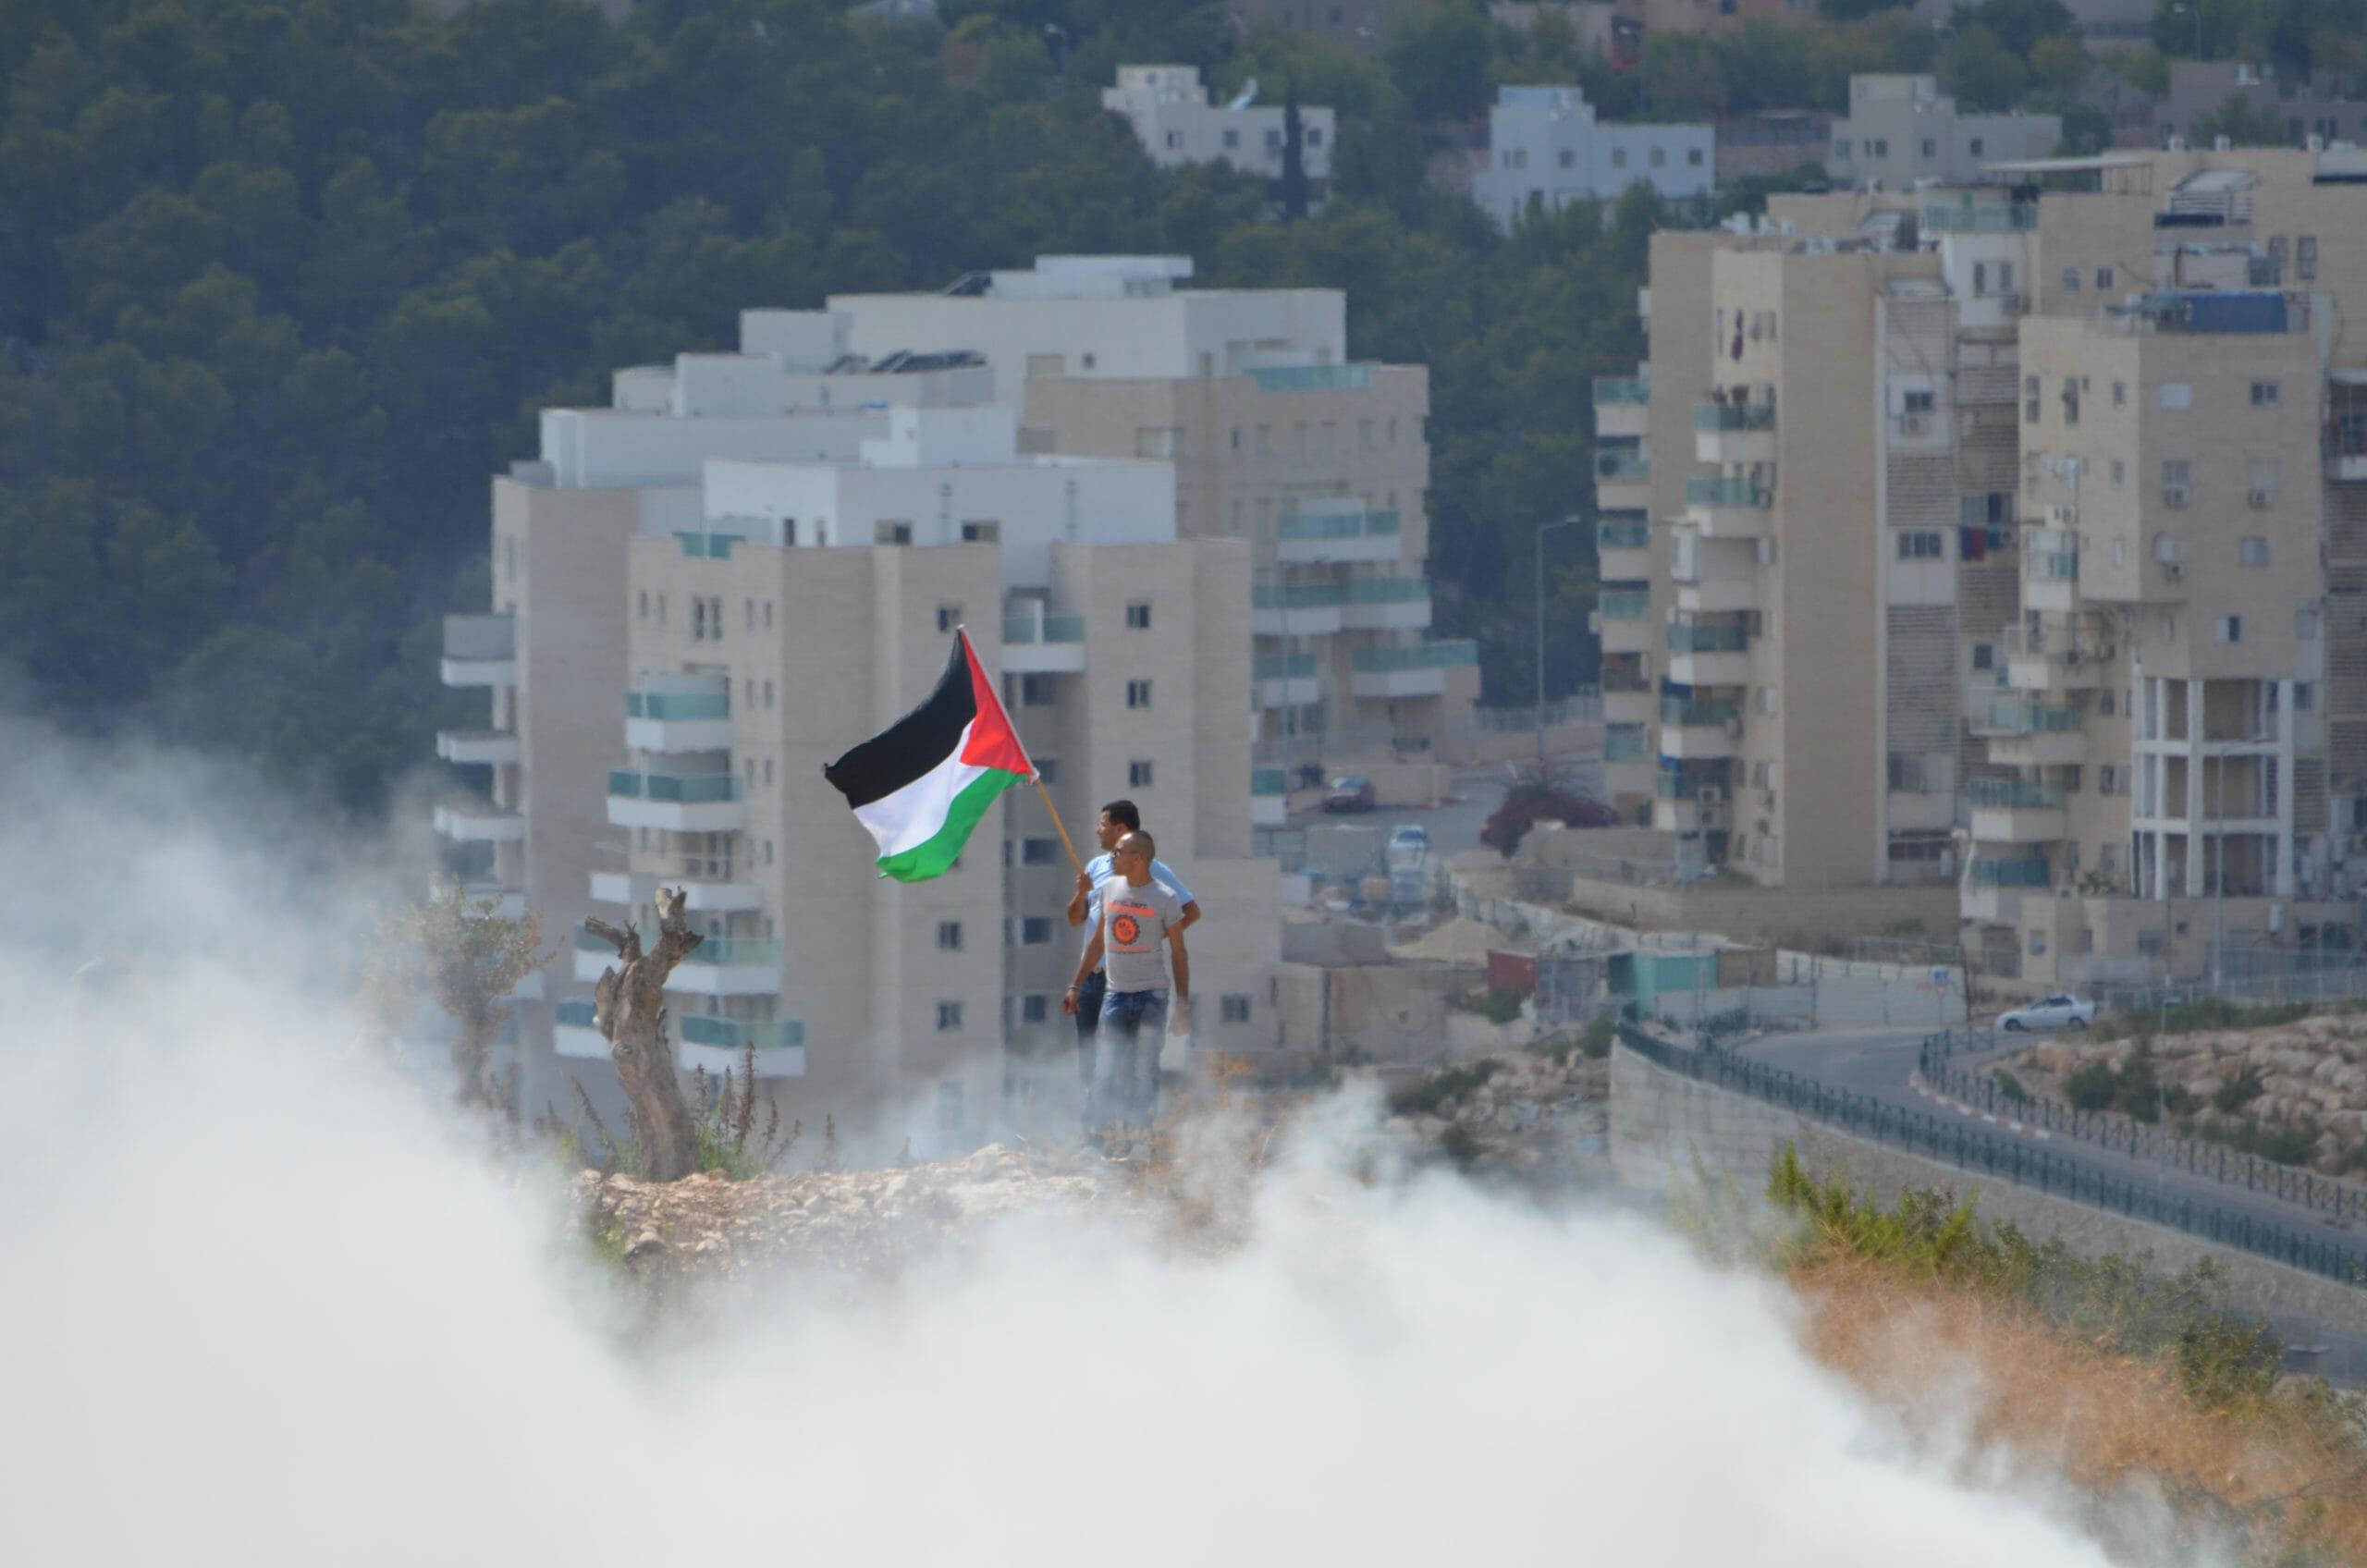 Domstol åbner for internationale straffesager mod Israel